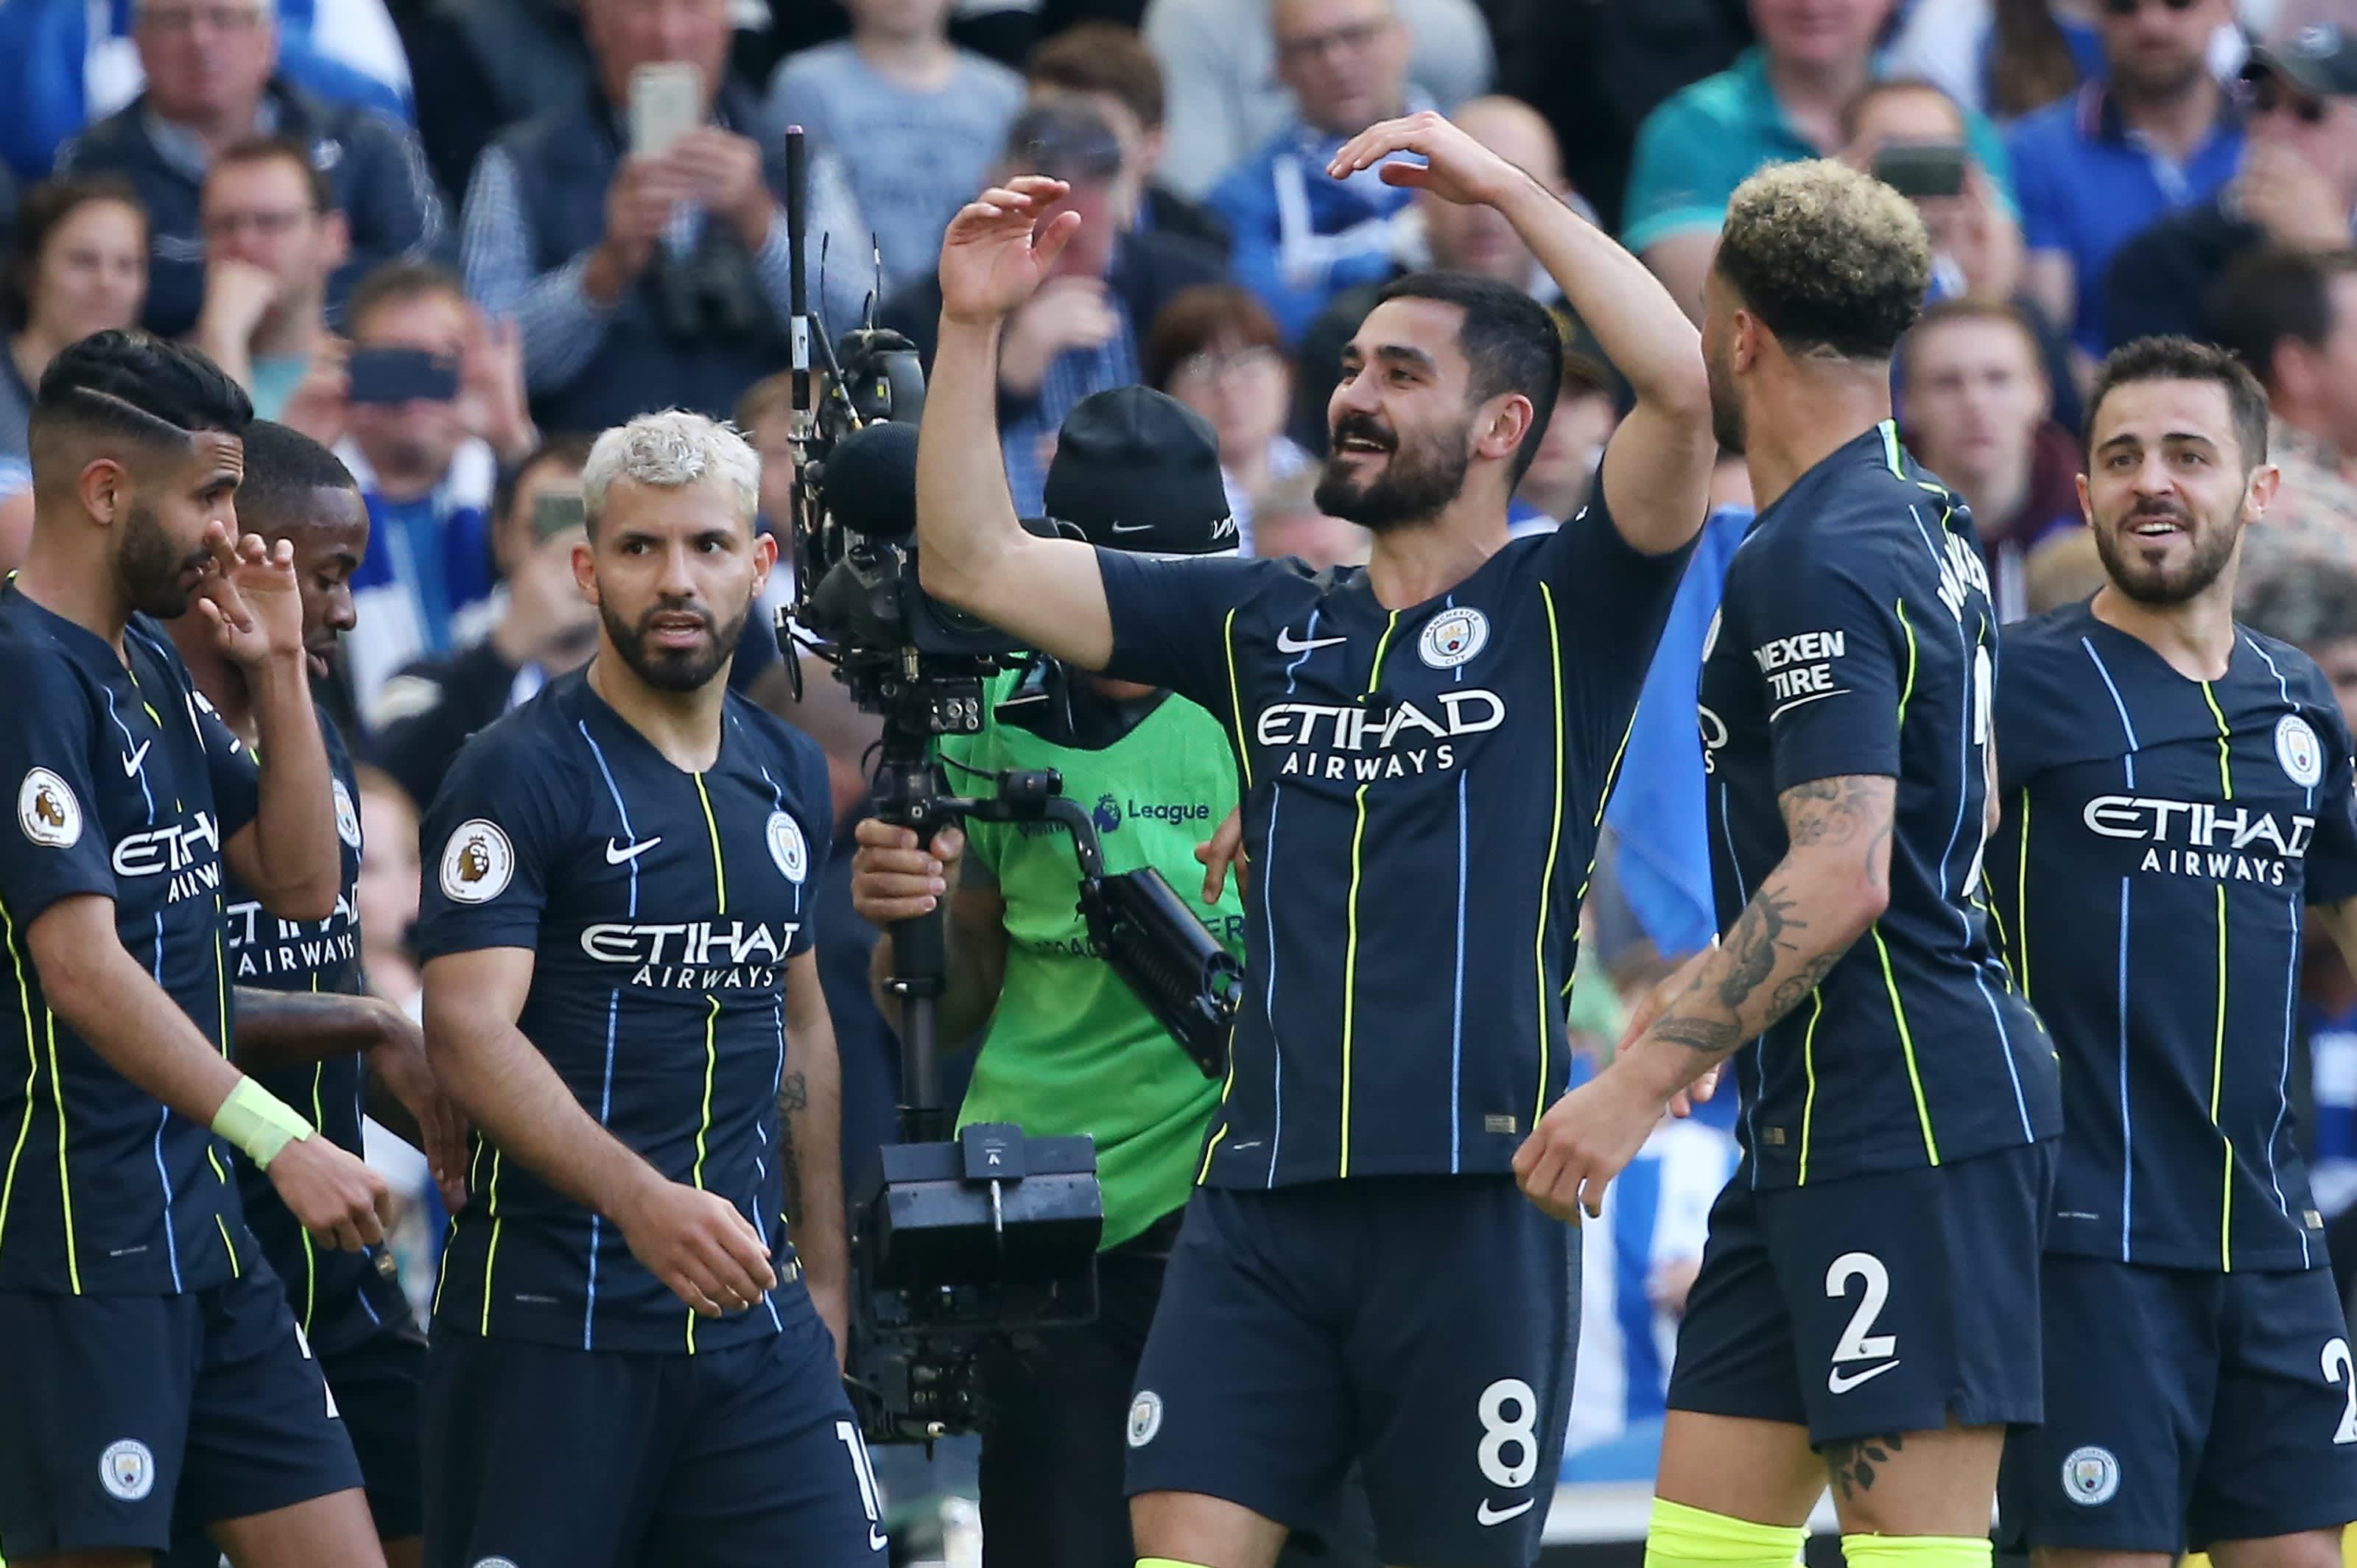 Näin Manchester City sinetöi päätöspelissään Valioliigan mestaruuden